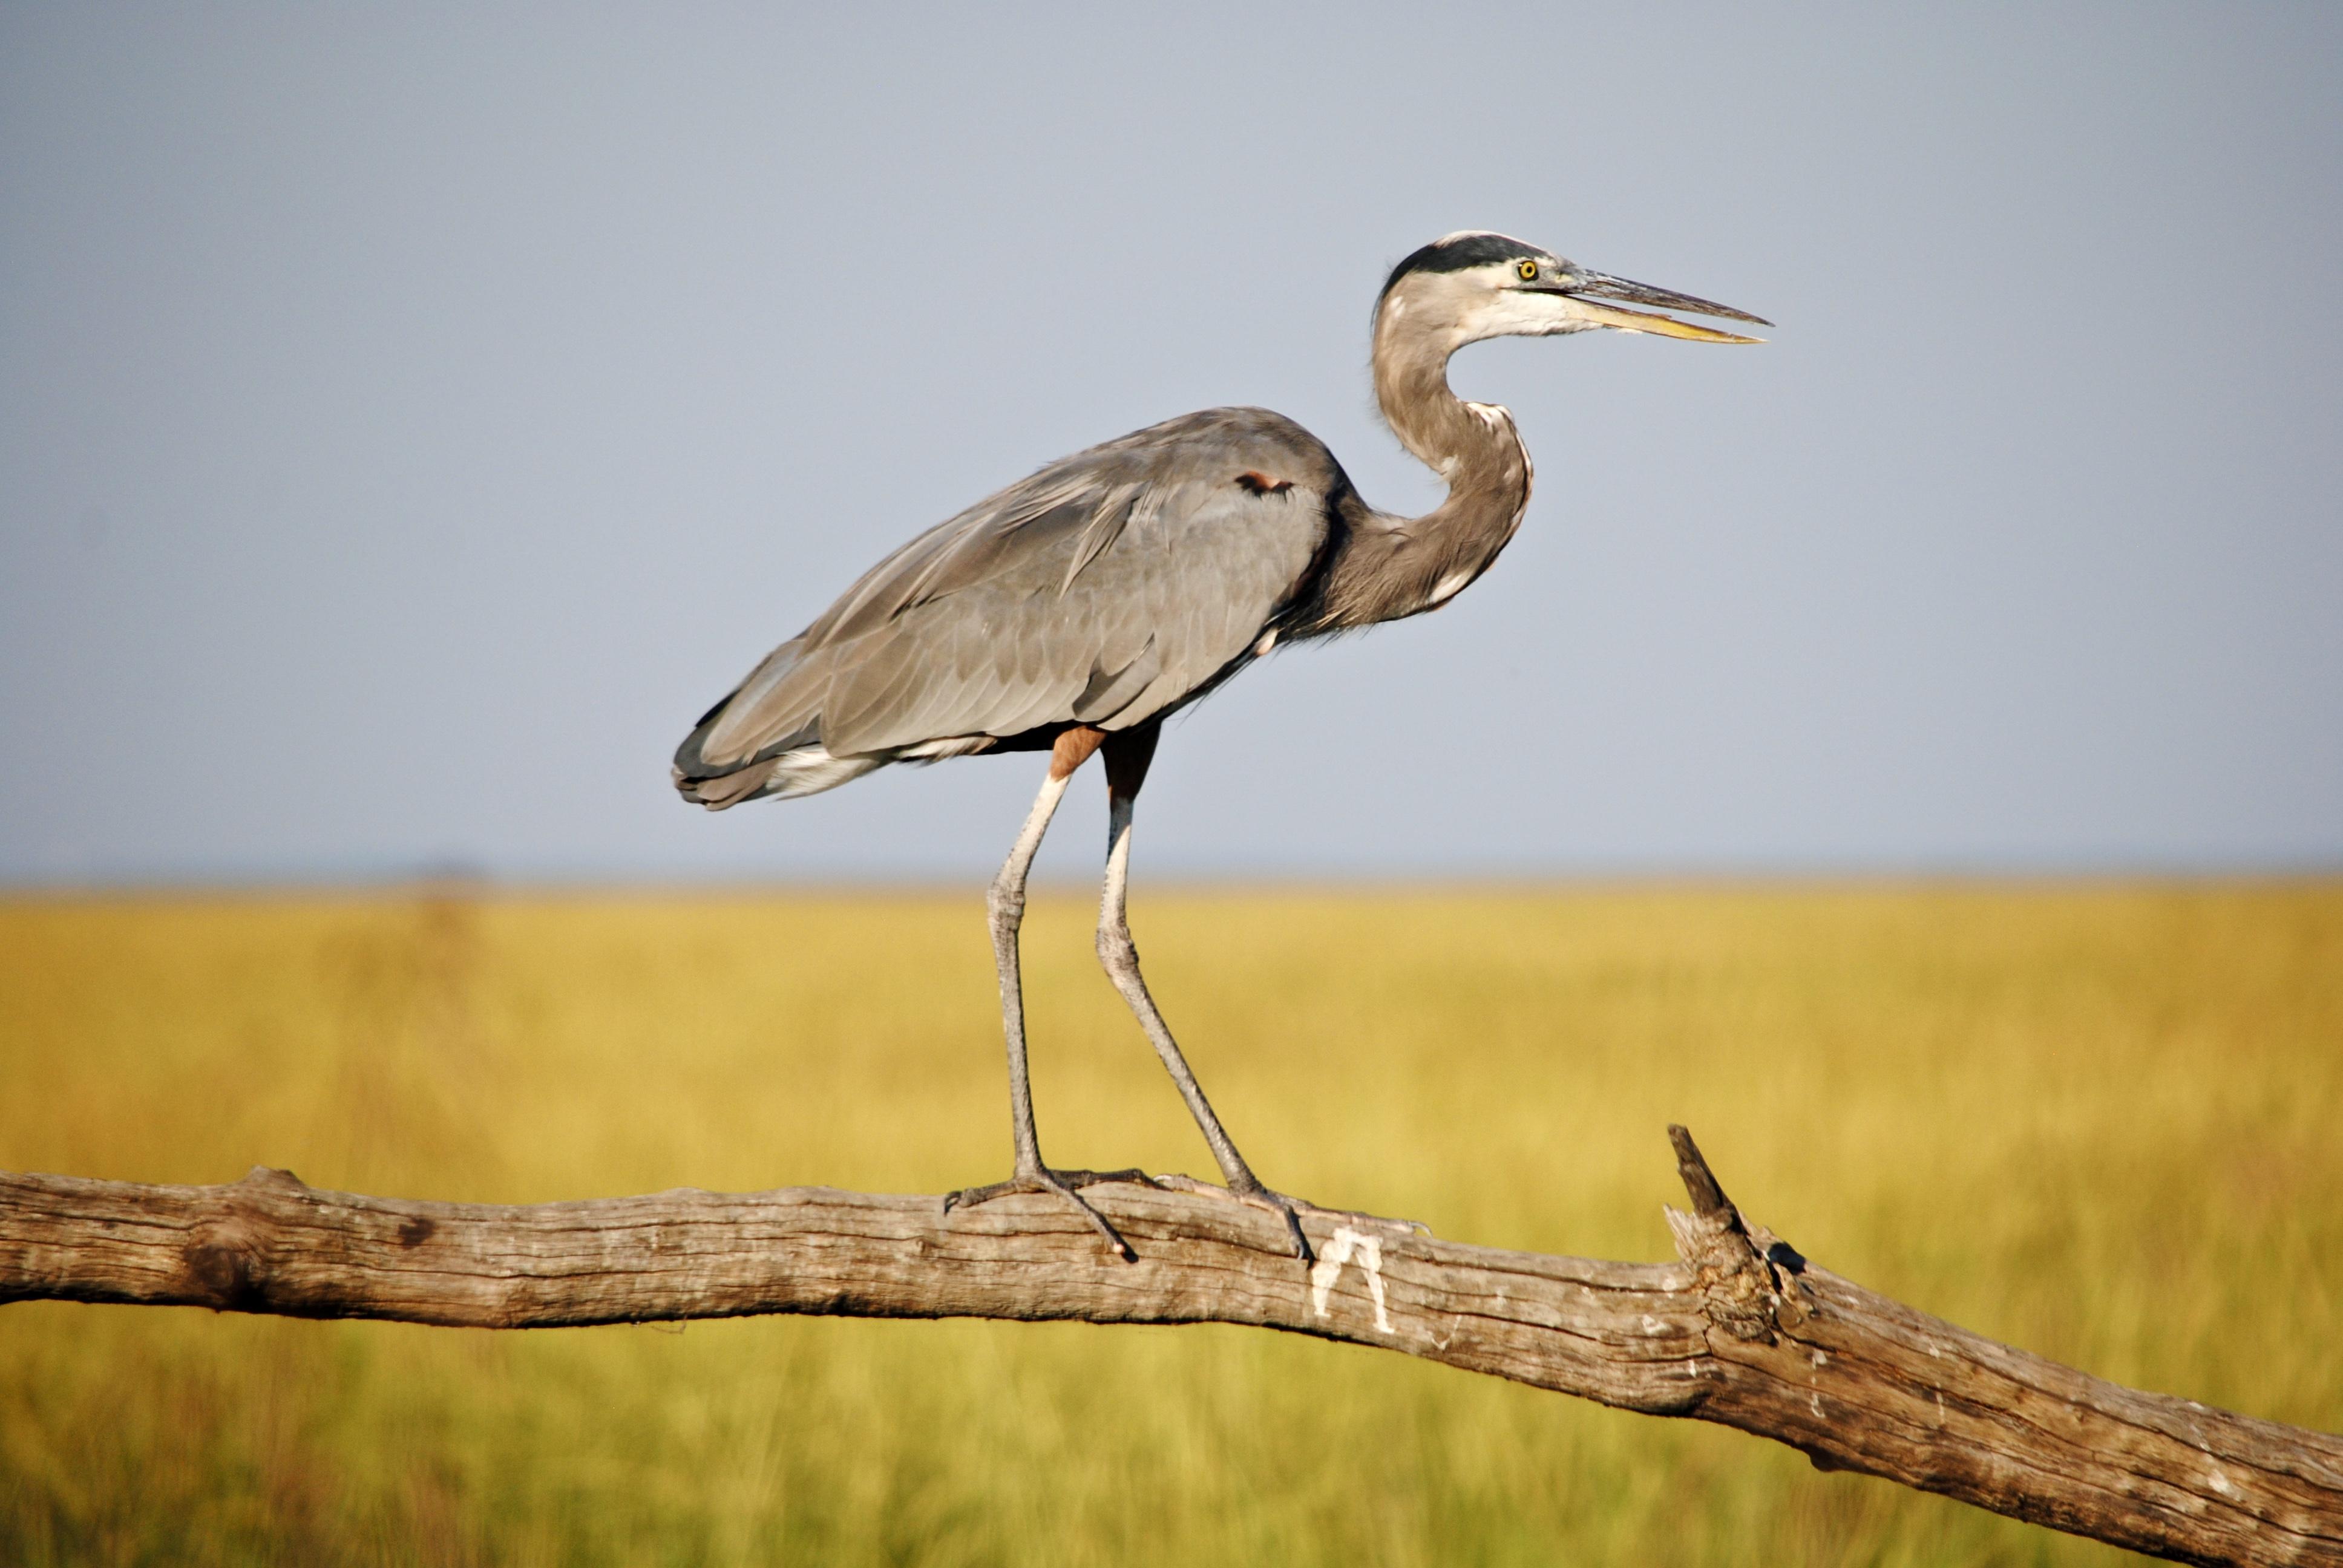 Great Blue Heron. Photo: Robert Giles/Audubon Photography Awards.